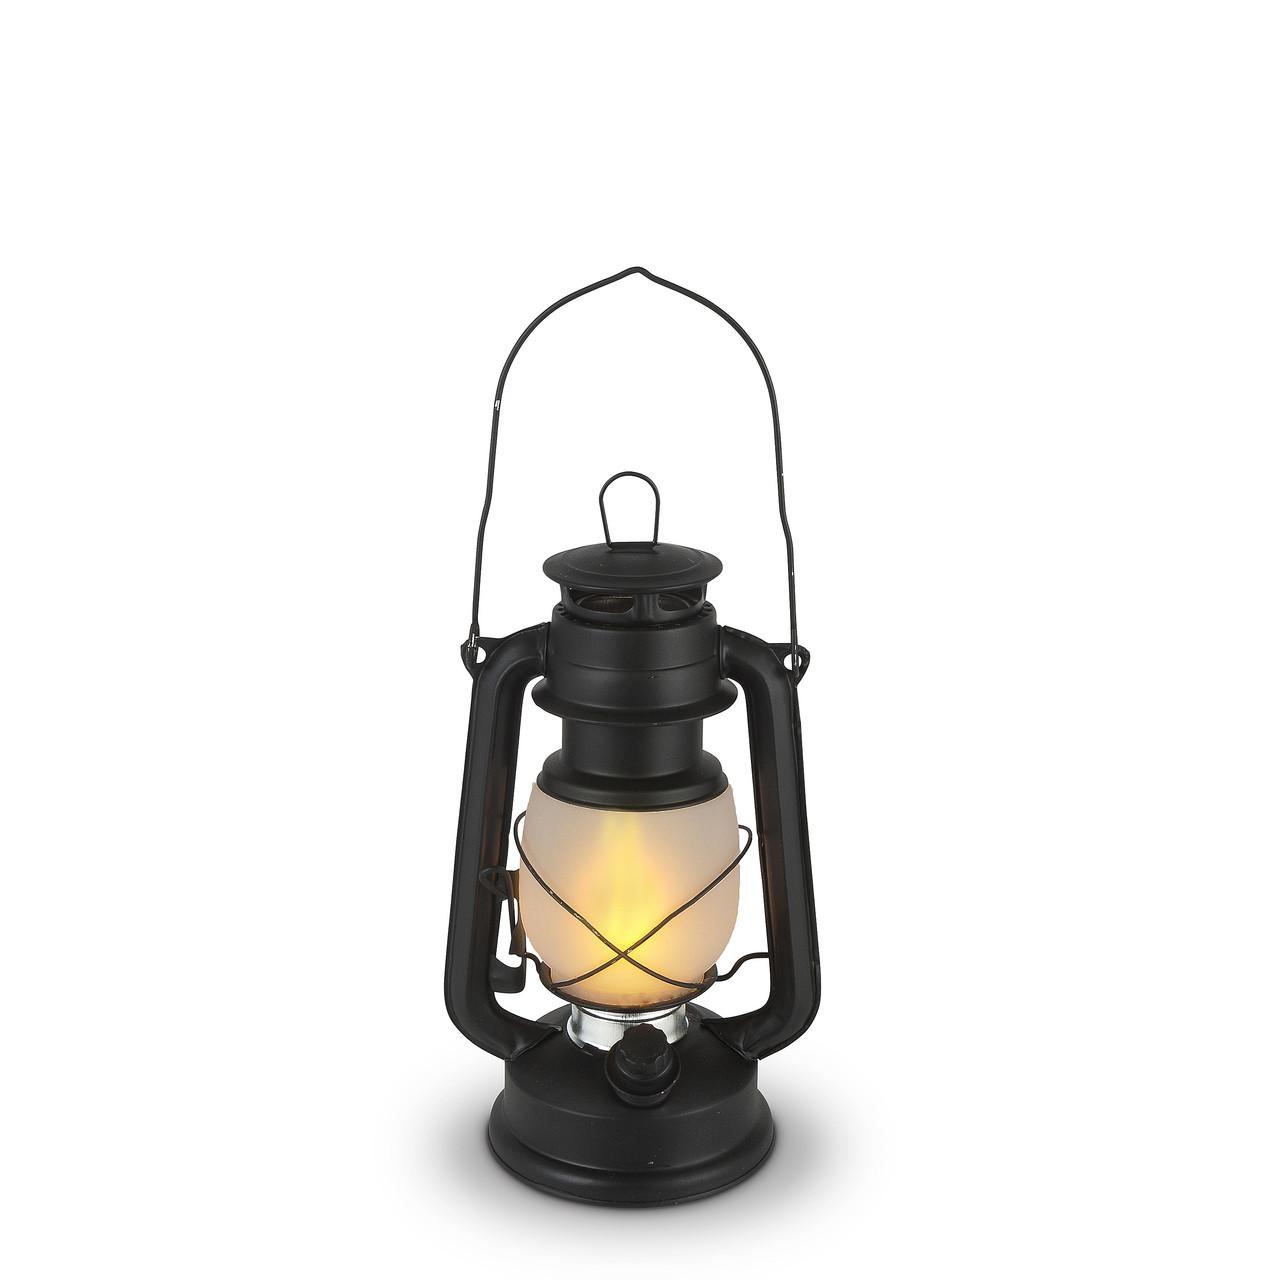 Small Matte Black Indoor Outdoor Fireglow Hurricane Lantern With Dimmer Switch 4 Lanterns